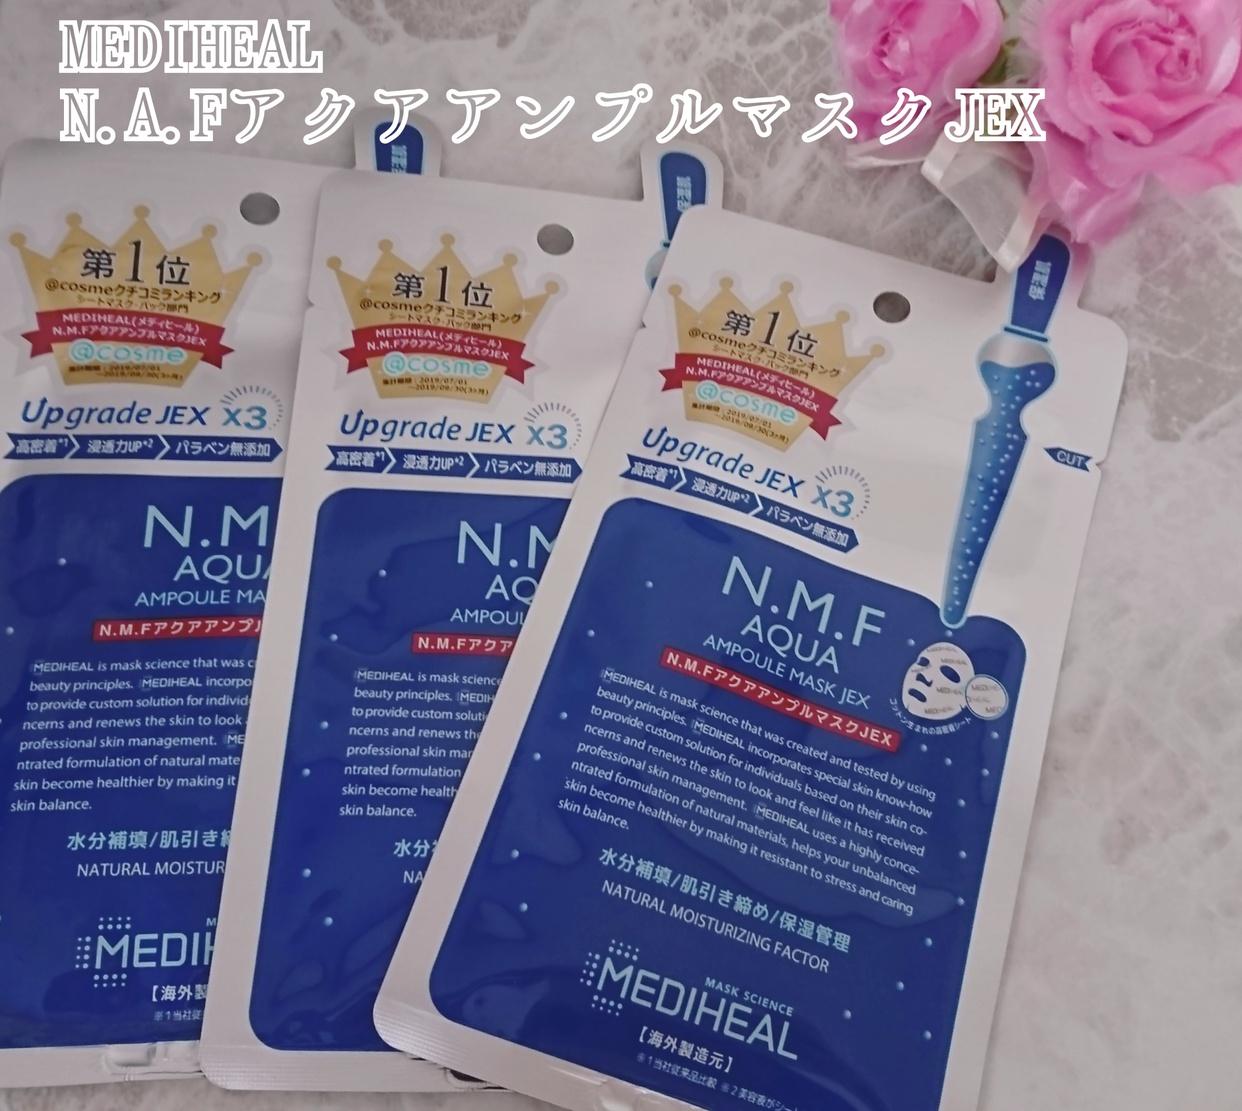 MEDIHEAL(メディヒール) N.M.F アクア アンプルマスクJEXを使ったYuKaRi♡さんのクチコミ画像1